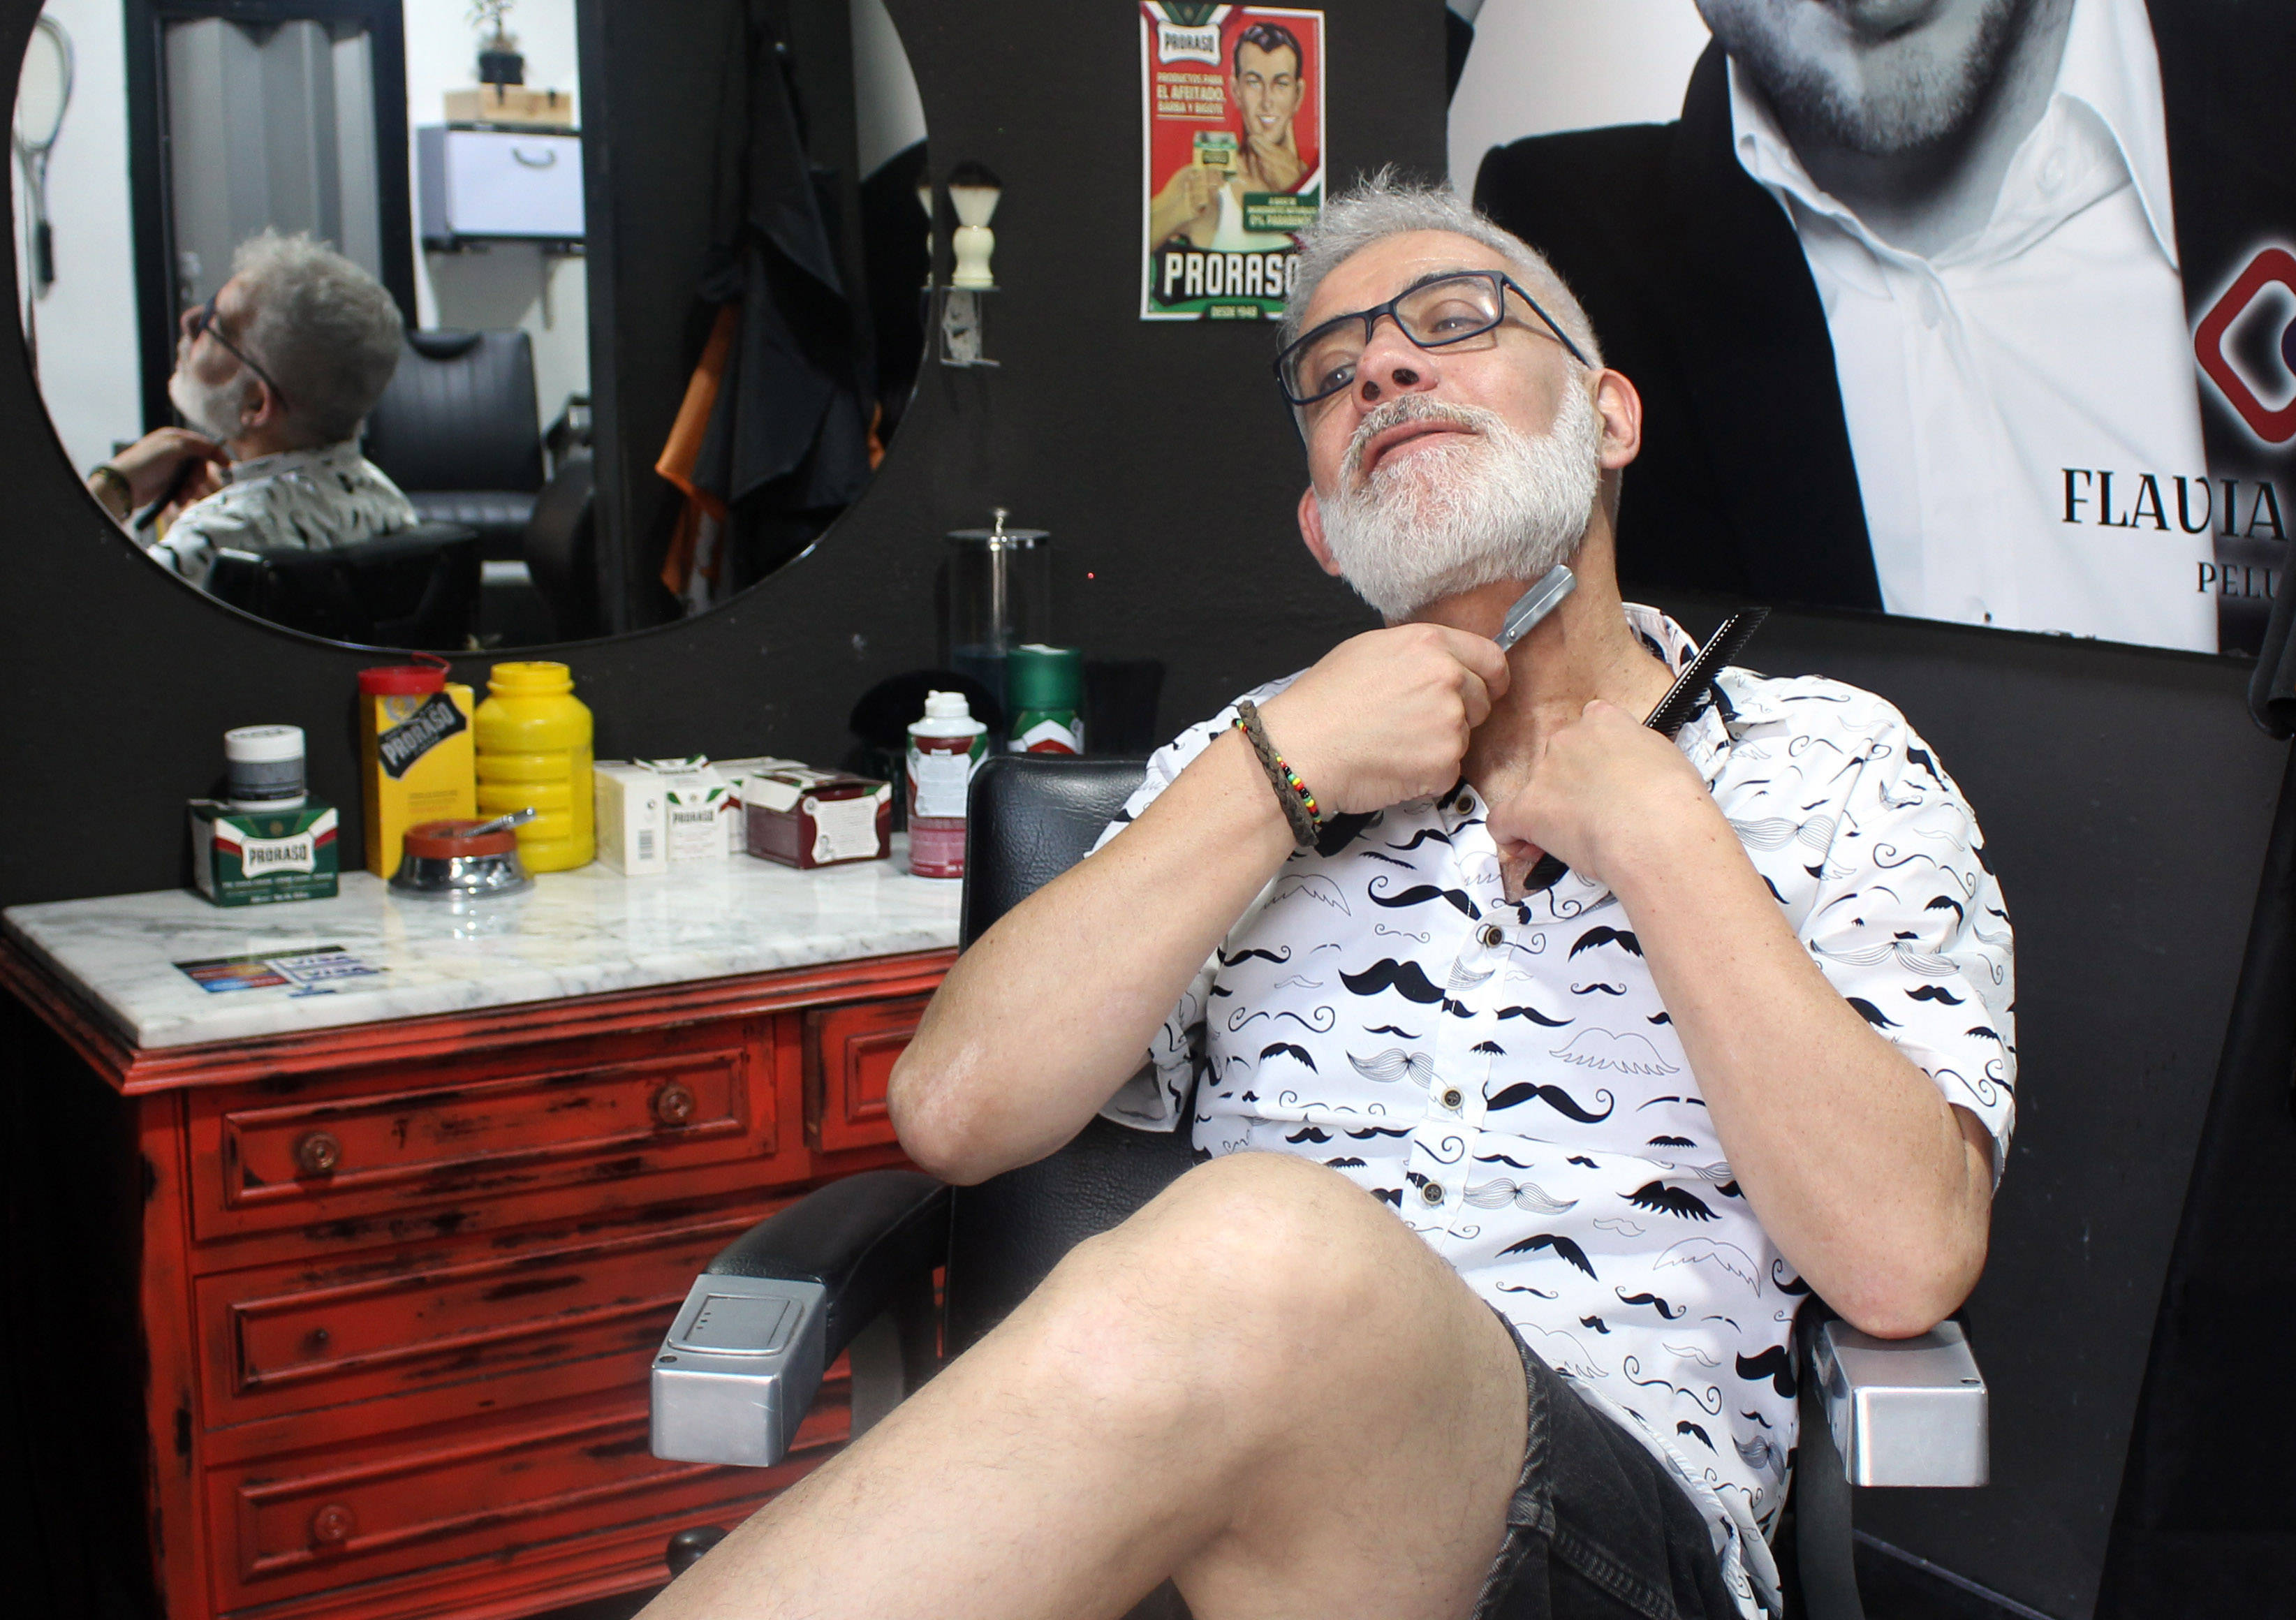 El barbero argentino reconoce que el éxito de su negocio ha servido de inspiración para la apertura de nuevas peluquerías en la zona.